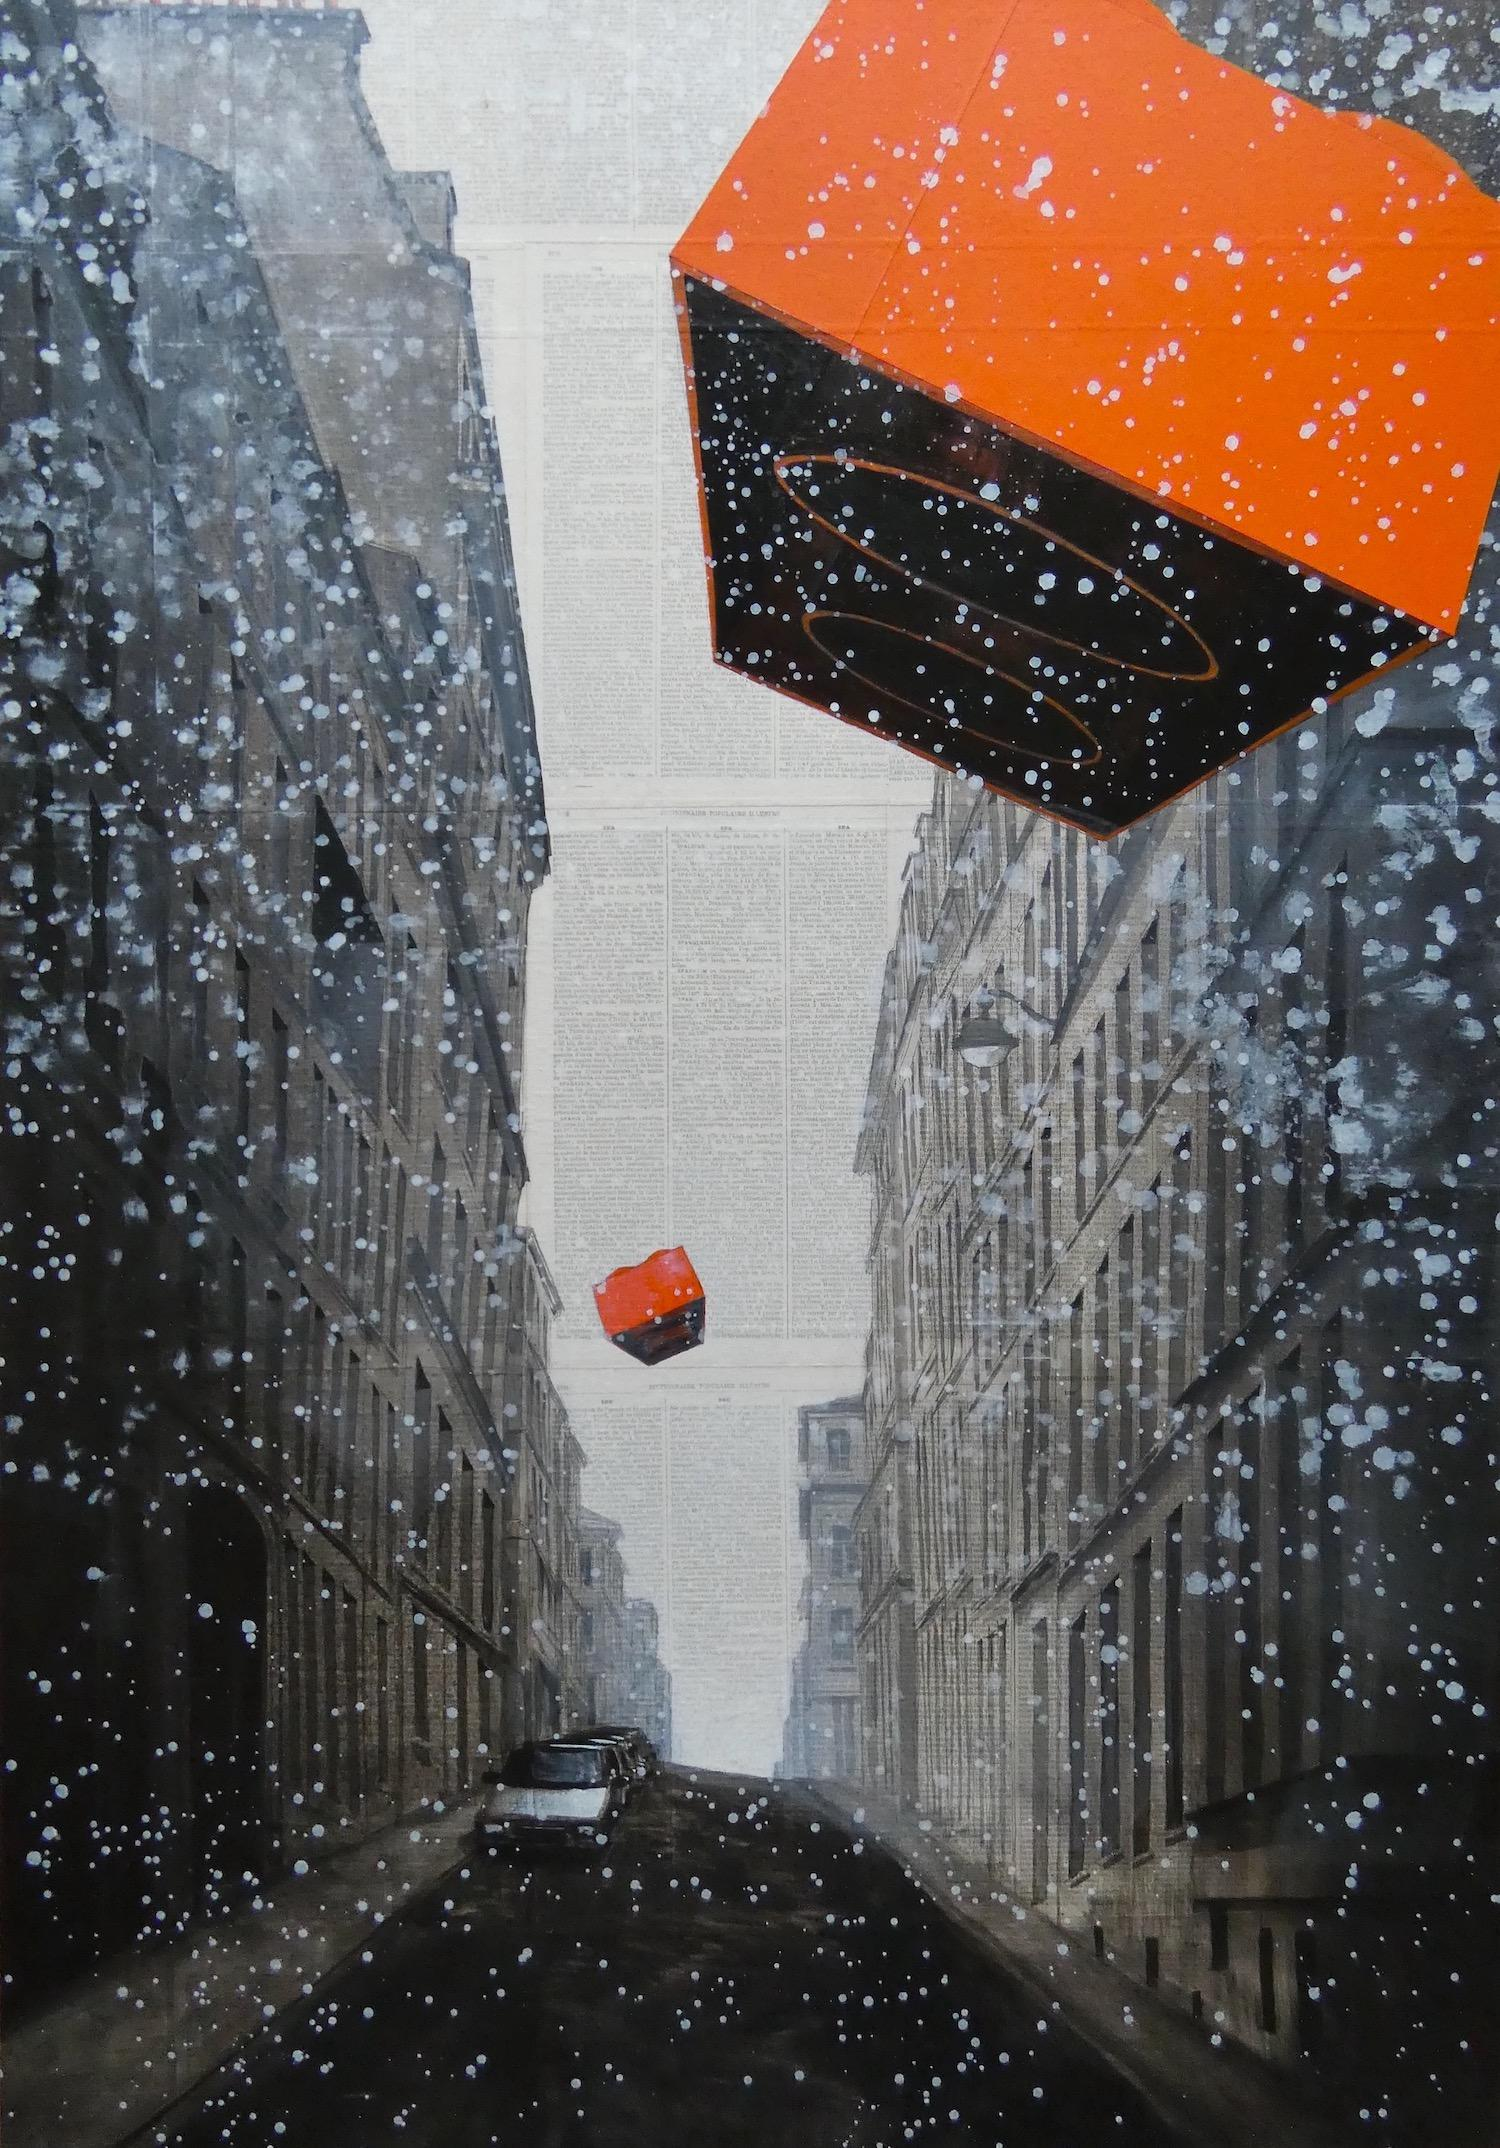 Epreuve de l'Irréel n°5/x - Urban Landscape Painting, Paris